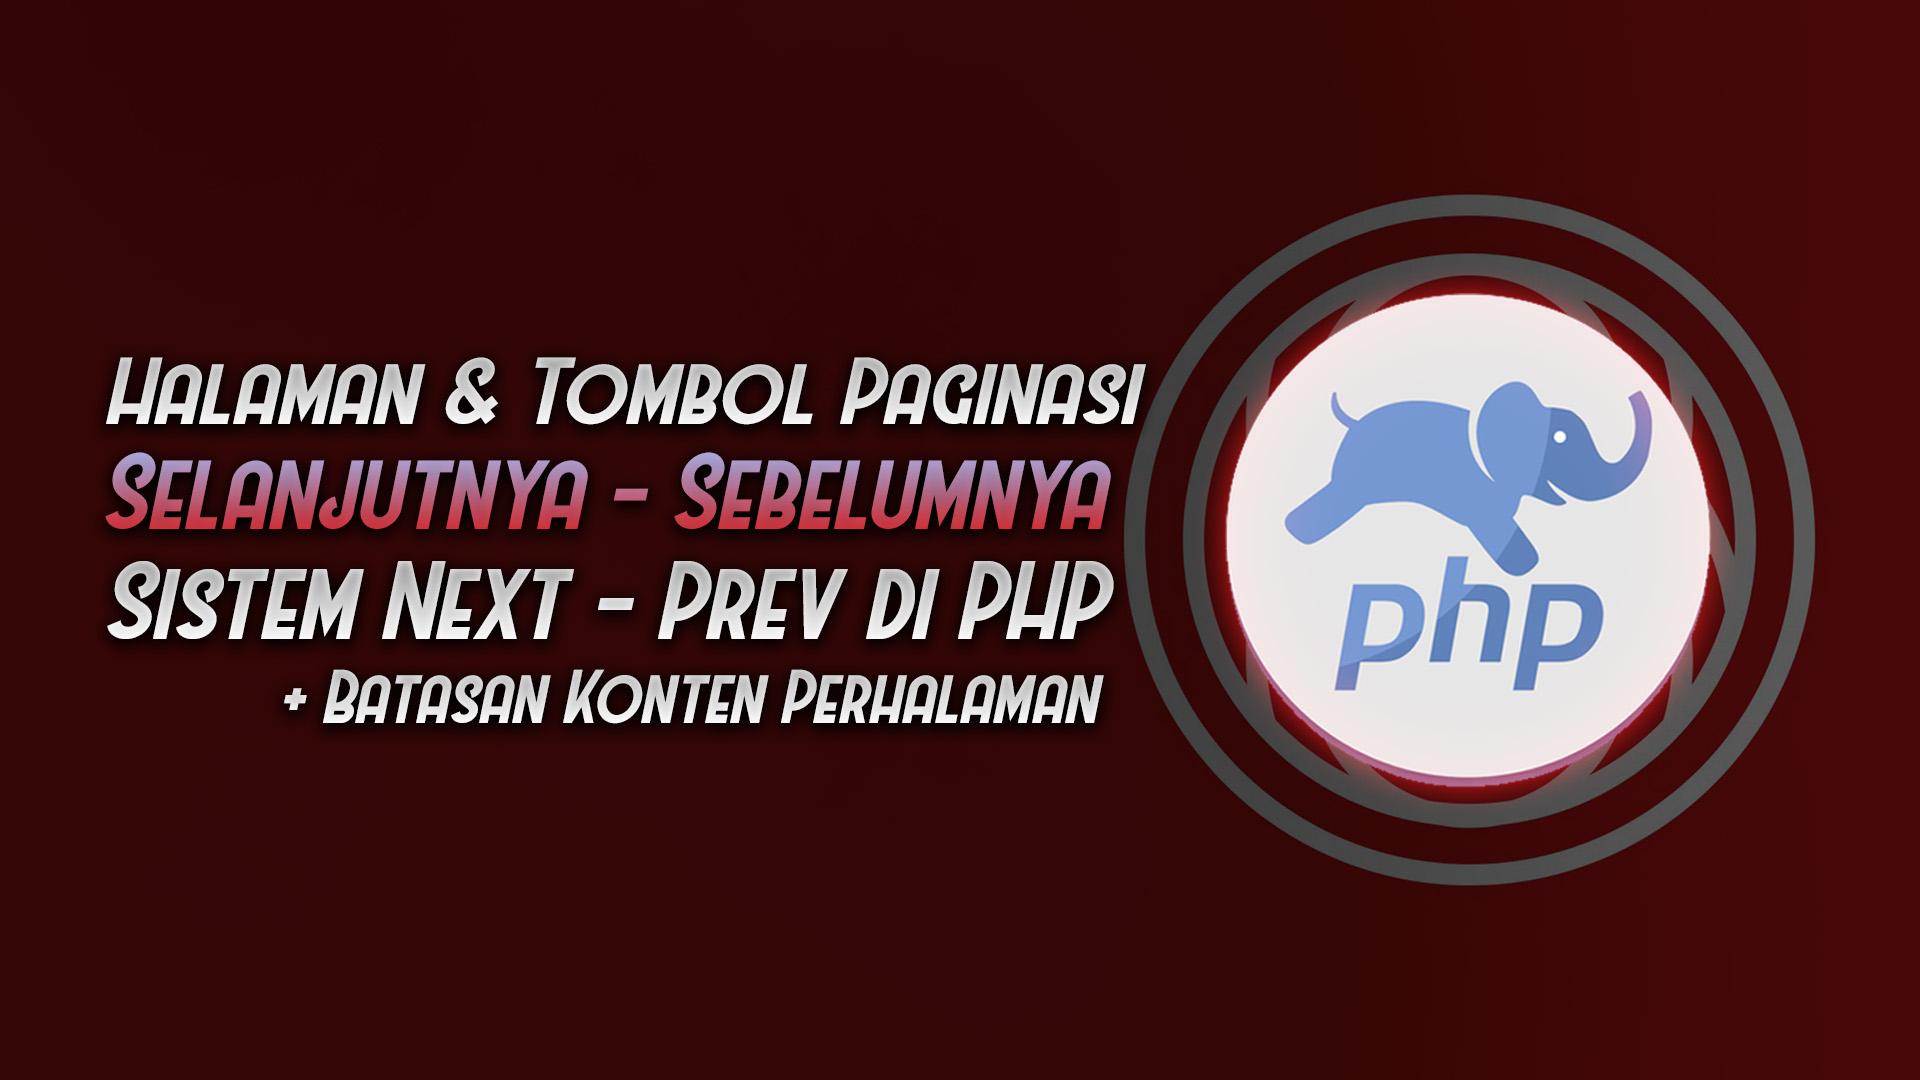 membuat sistem paginasi next prev php - rio bermano